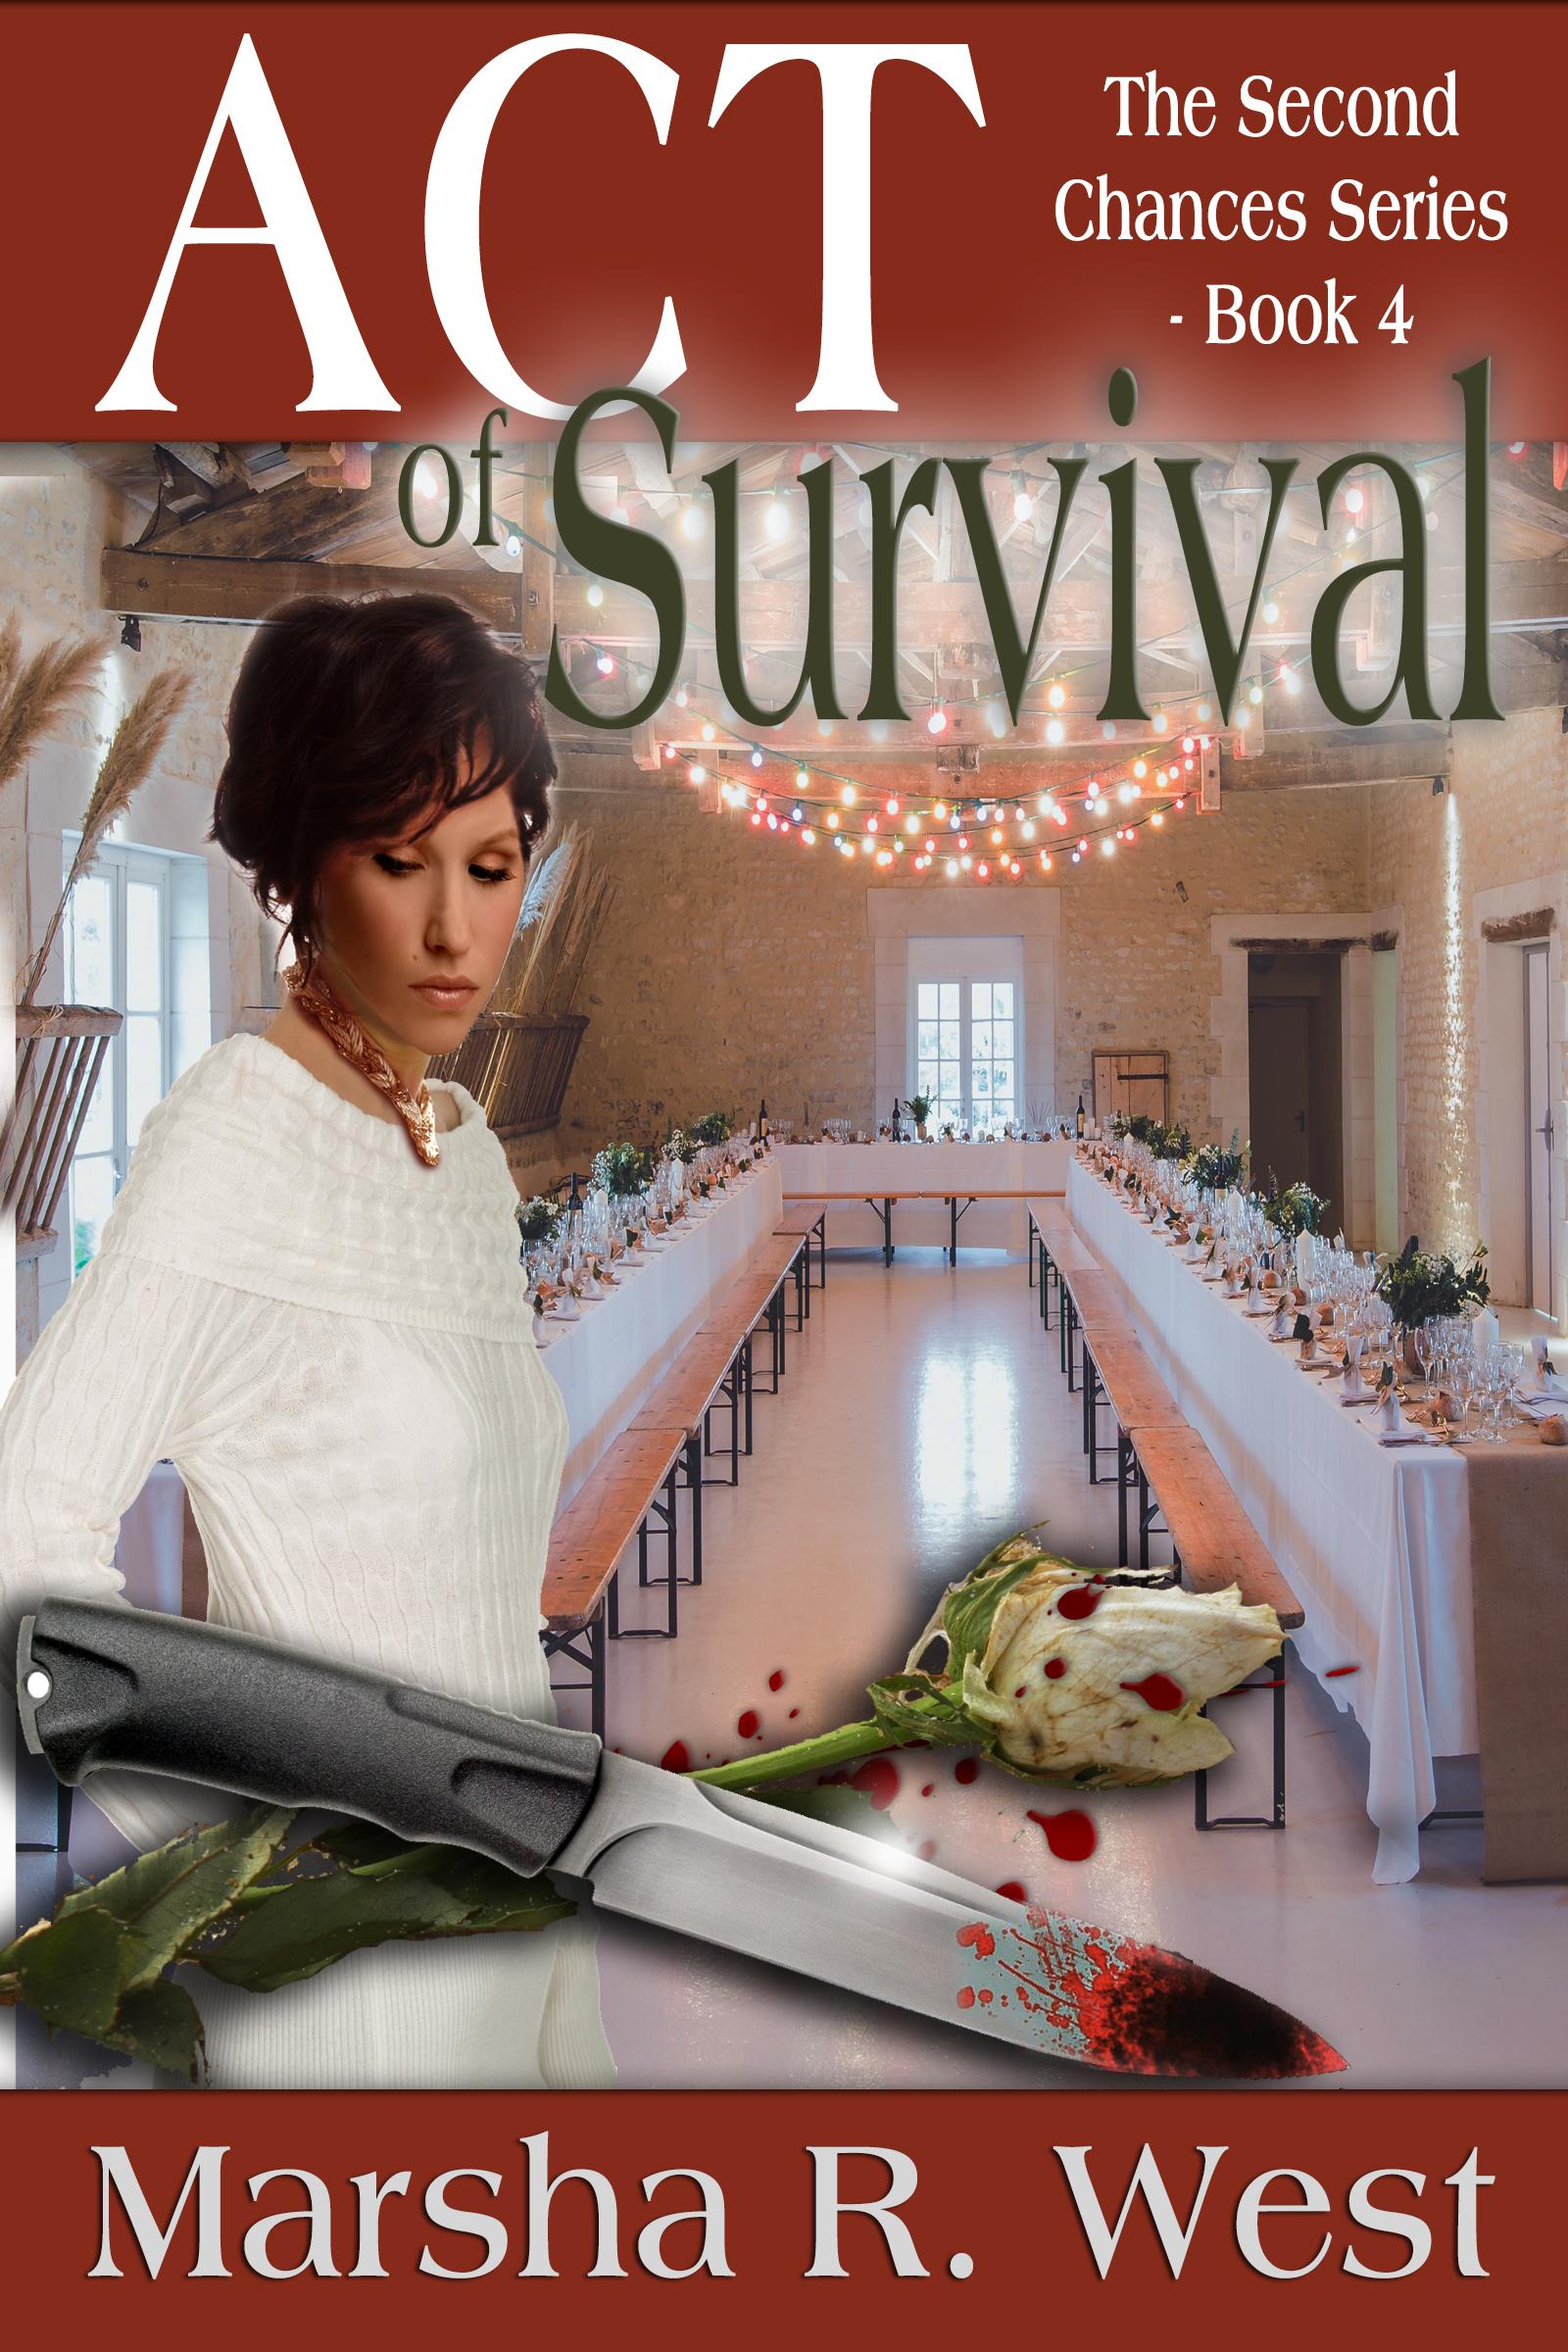 Act of survival 300 dpi.jpg